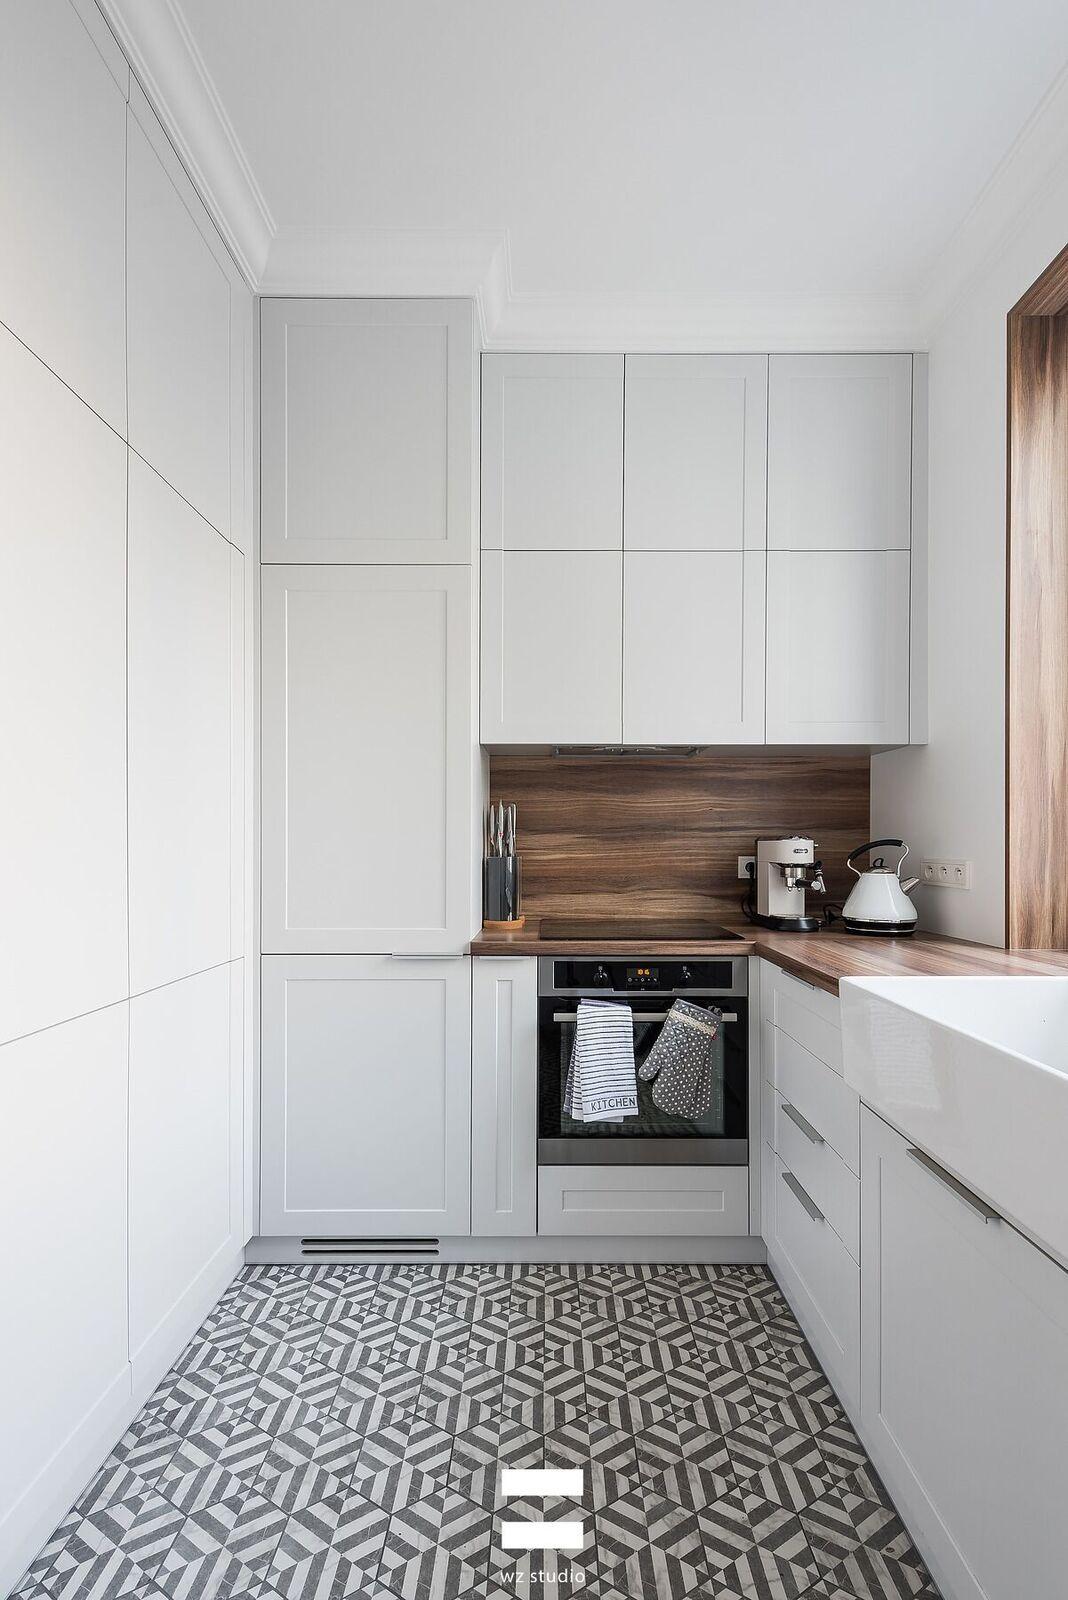 Mieszkanie 50m2 Proj Wz Studio Ih Internity Home Kitchen Design Home Kitchen Cabinets